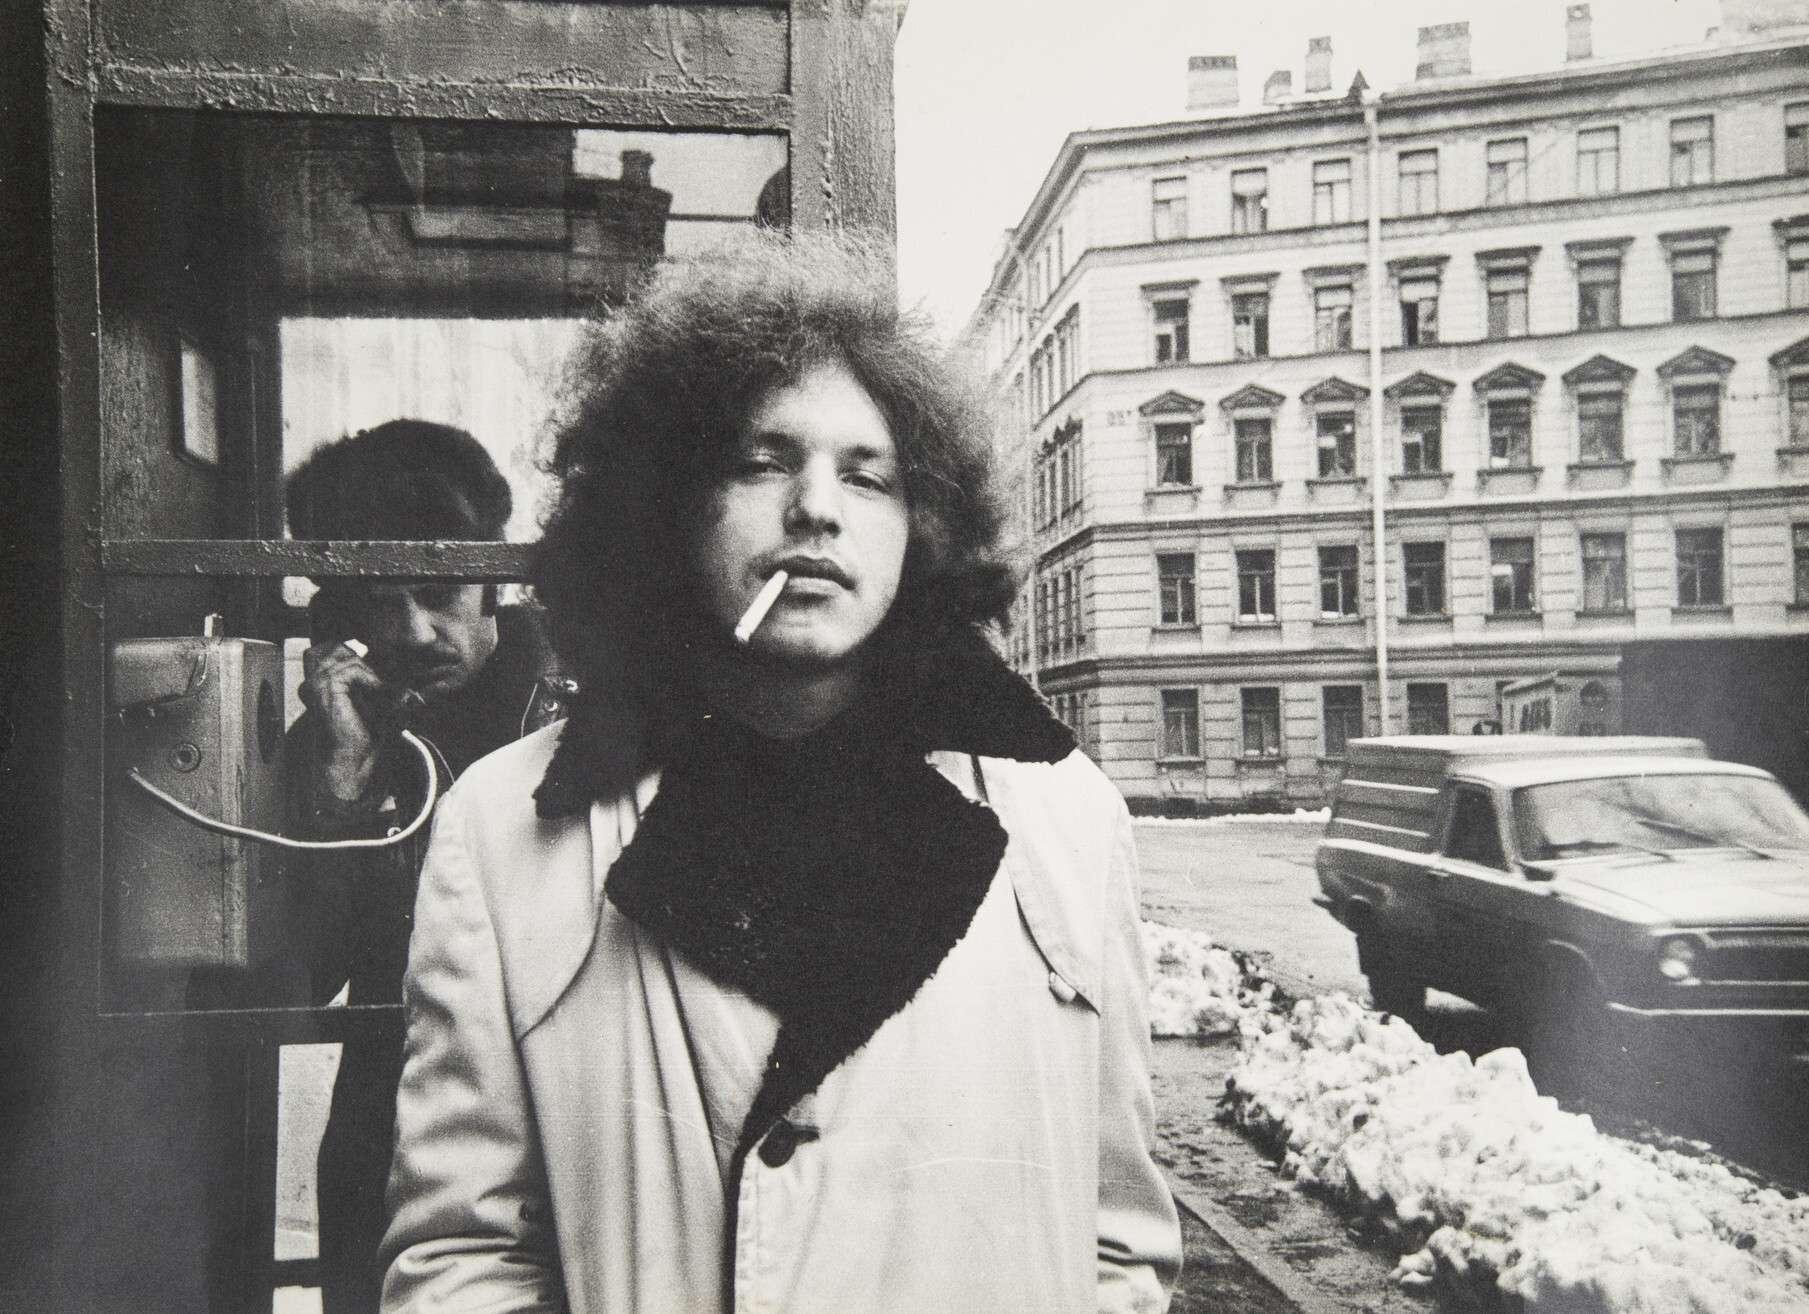 Сергей Королев.    Без названия   Ленинград, конец 1980-х